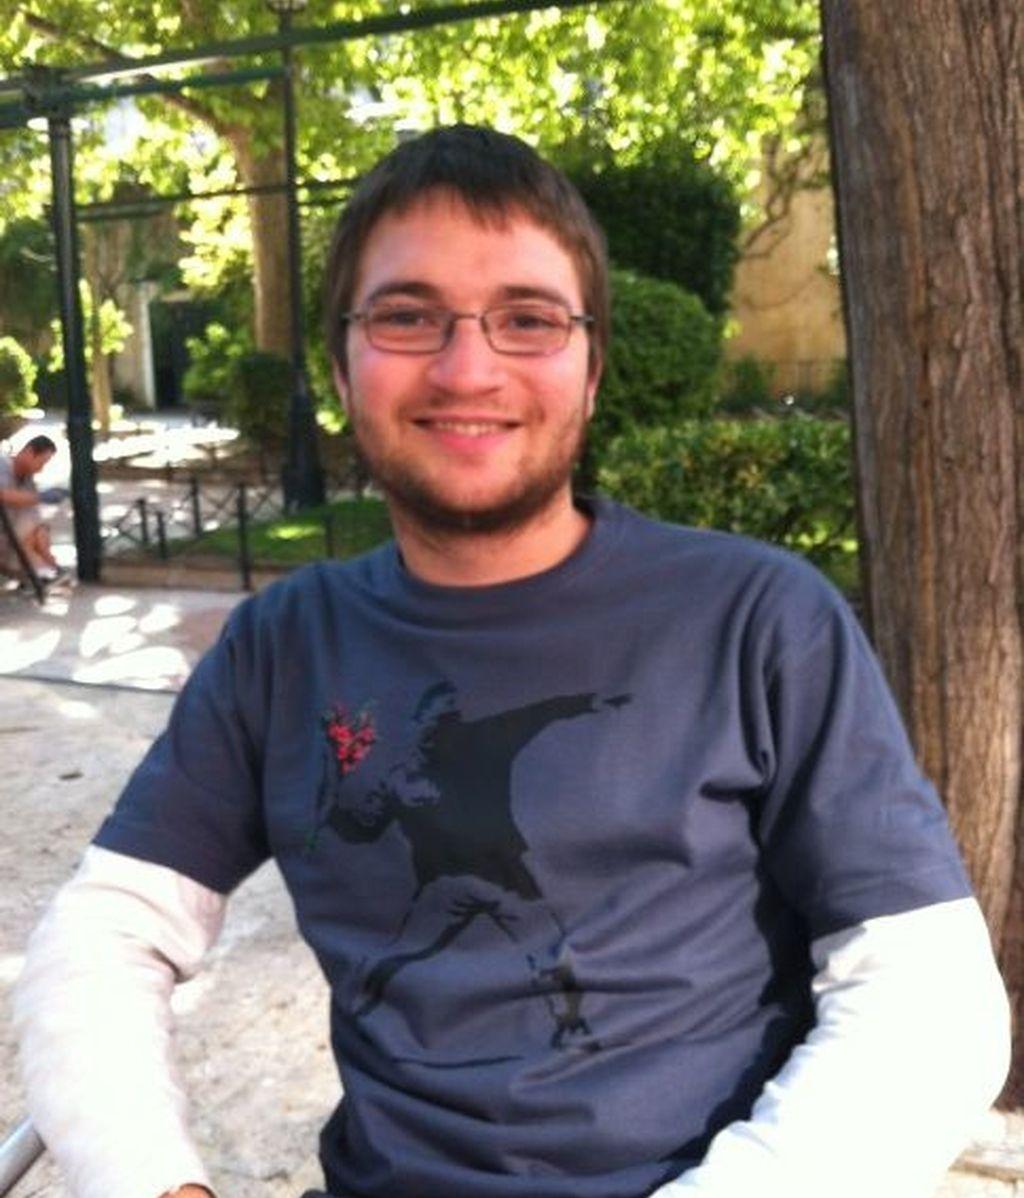 Detenido el dirigente de Juventudes Comunistas de Extremadura Rafael González por los hechos en Los Salesianos de Mérida